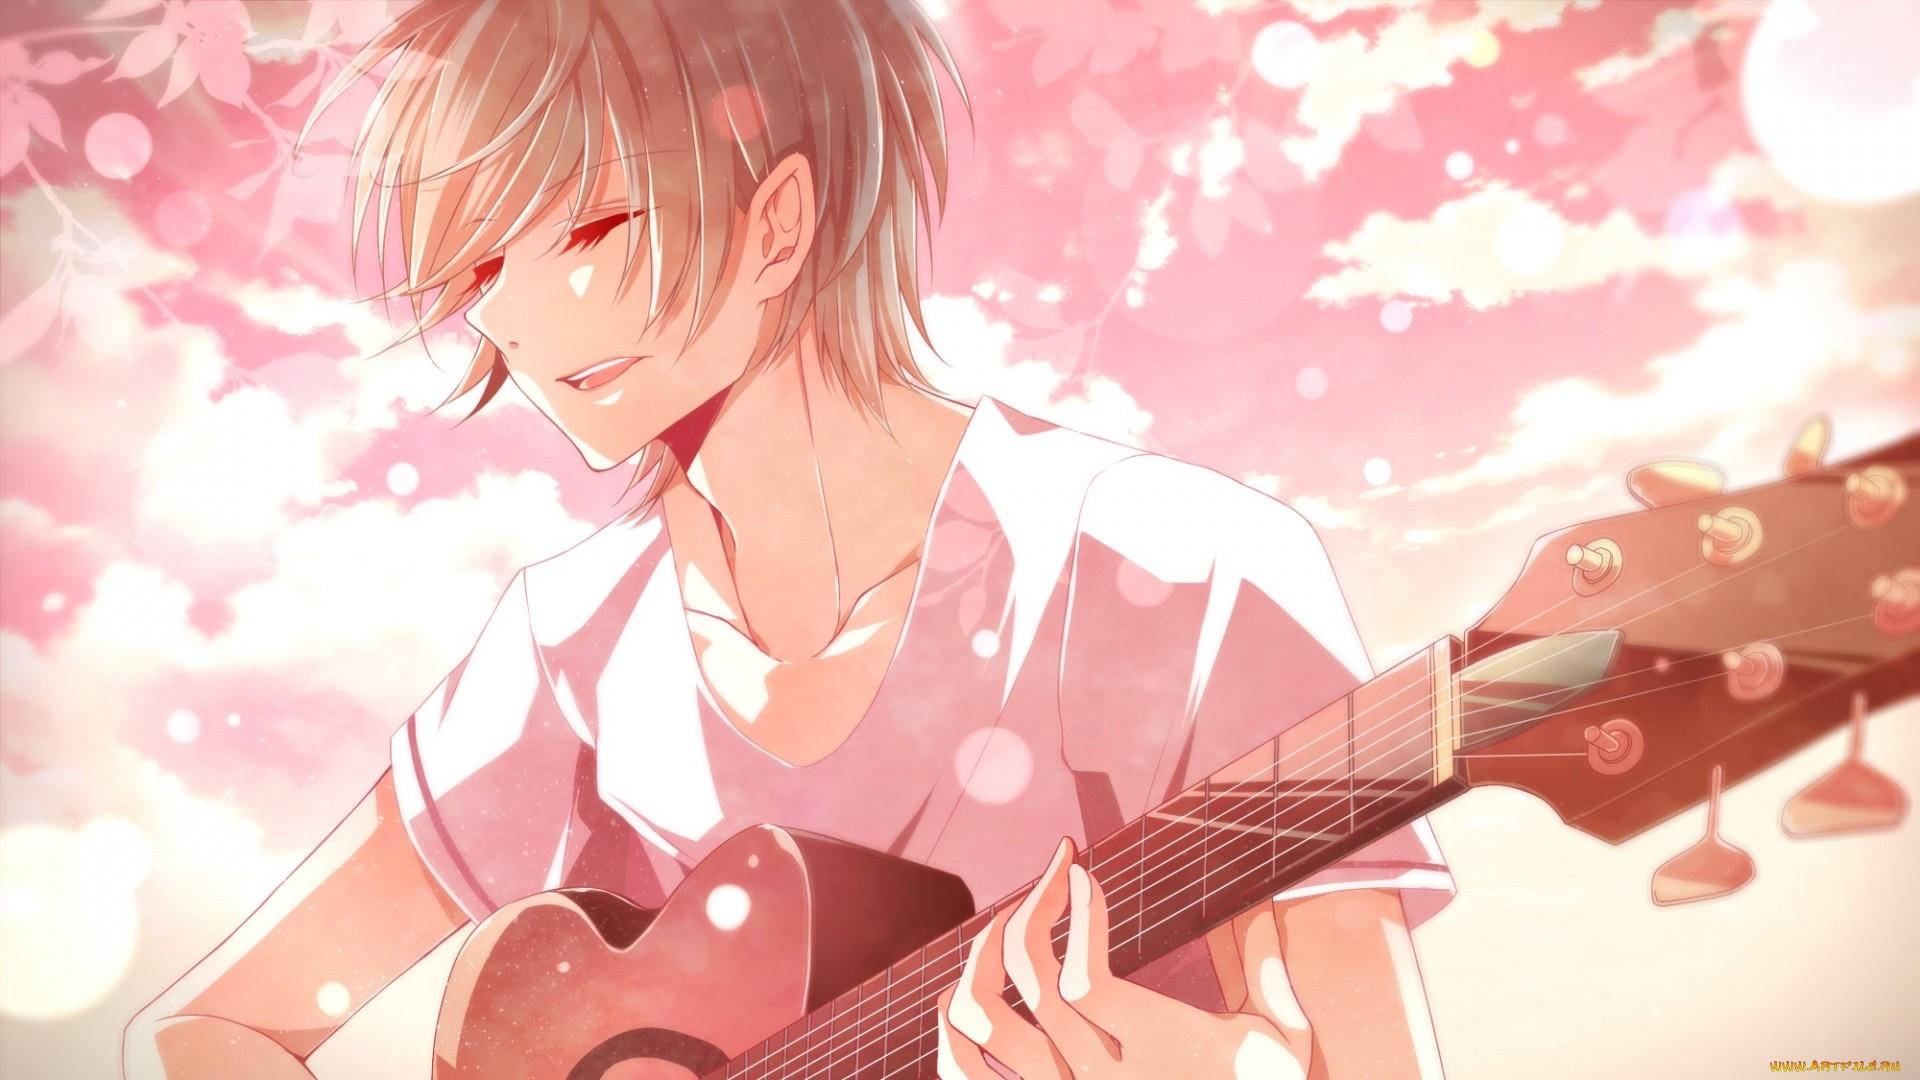 Anime Boy PC Wallpaper HD